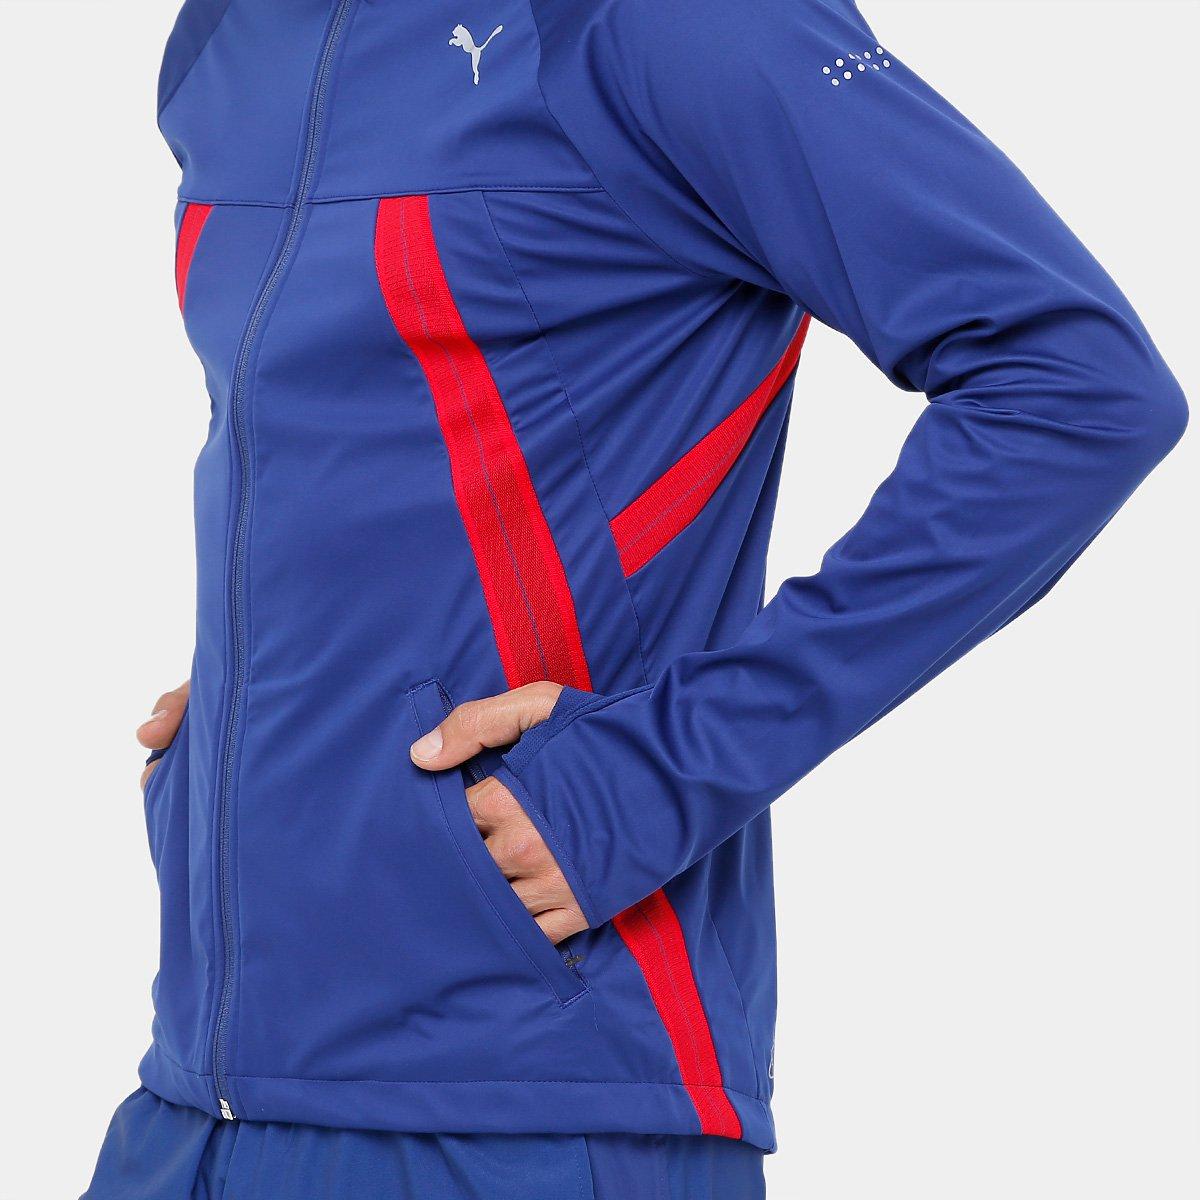 Jaqueta Puma Vent Thermo Runner Masculina - Azul e Vermelho - Compre ... 667a10dc49